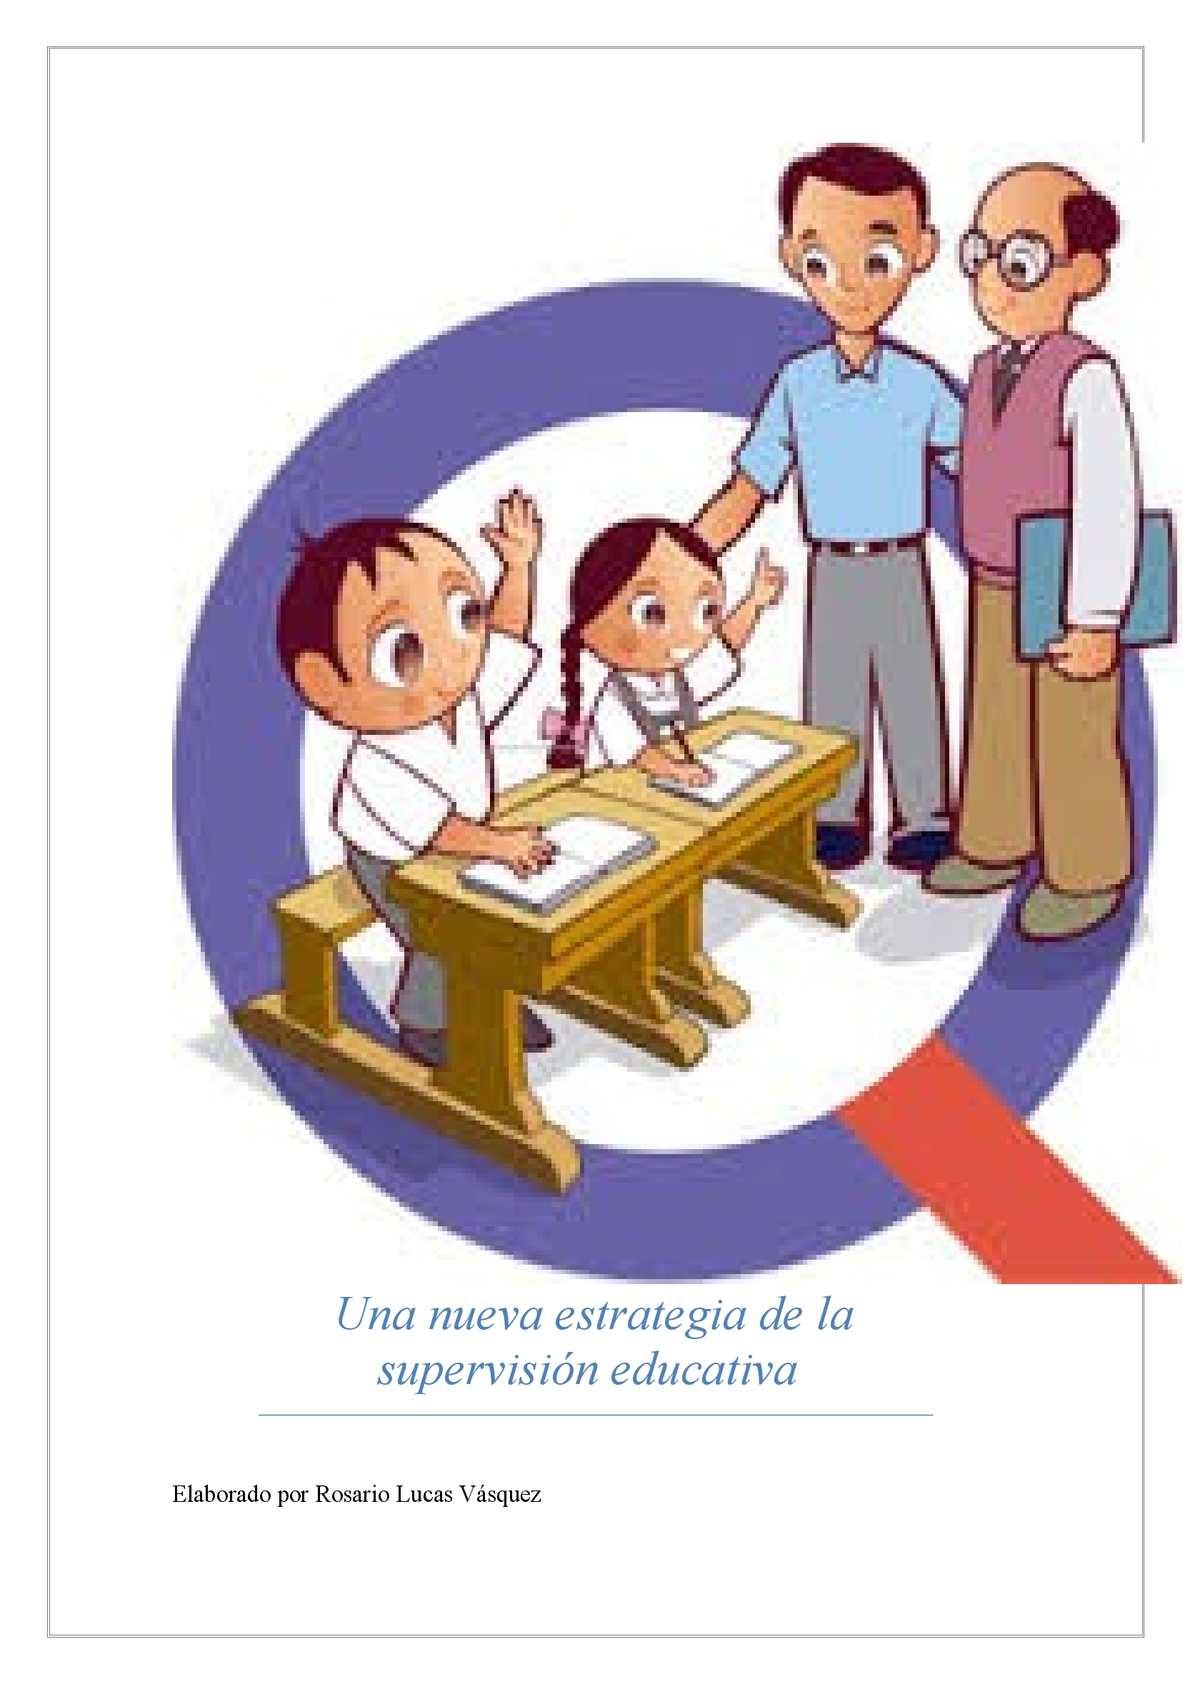 Calam o el m todo cient fico en la supervisi n educativa for Funcion de un vivero escolar